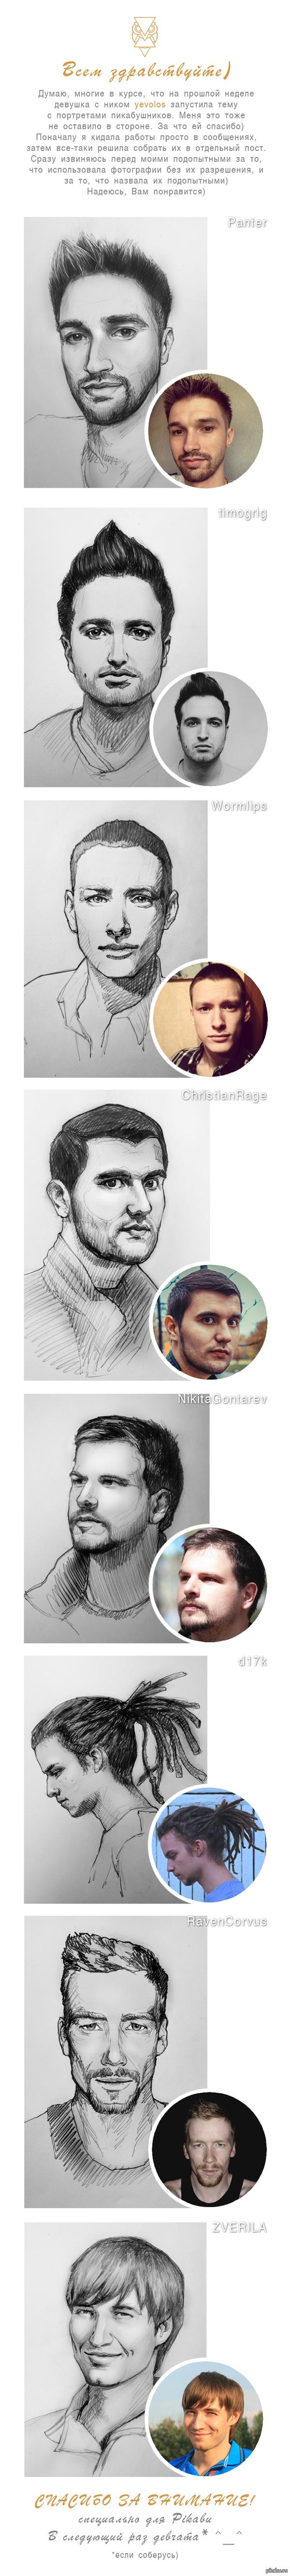 Портреты пикабушников